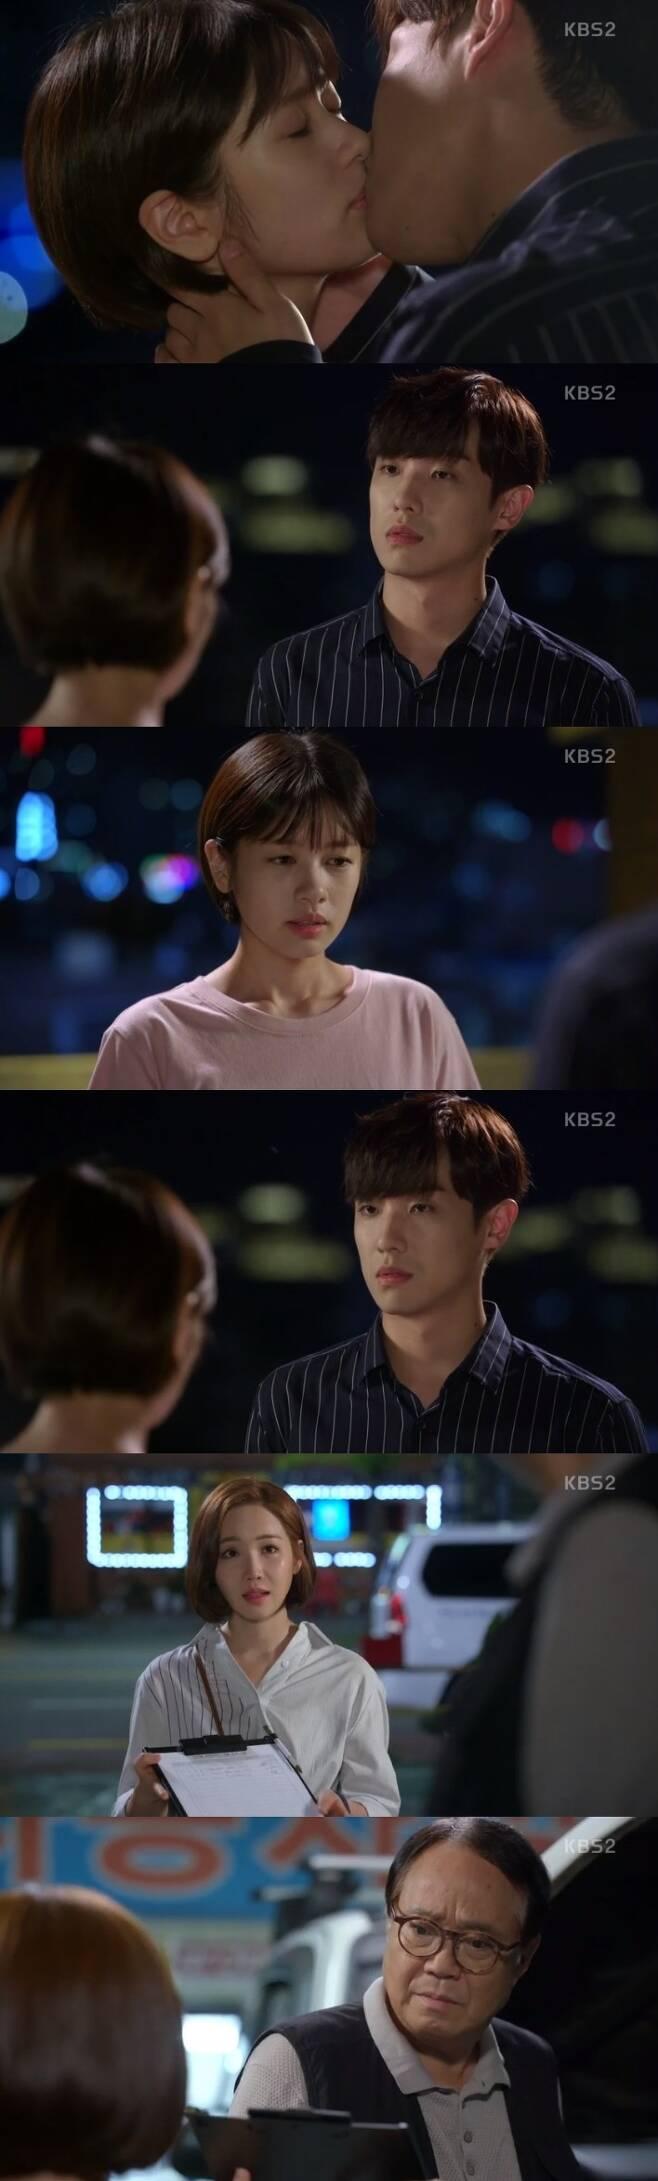 KBS2 © News1